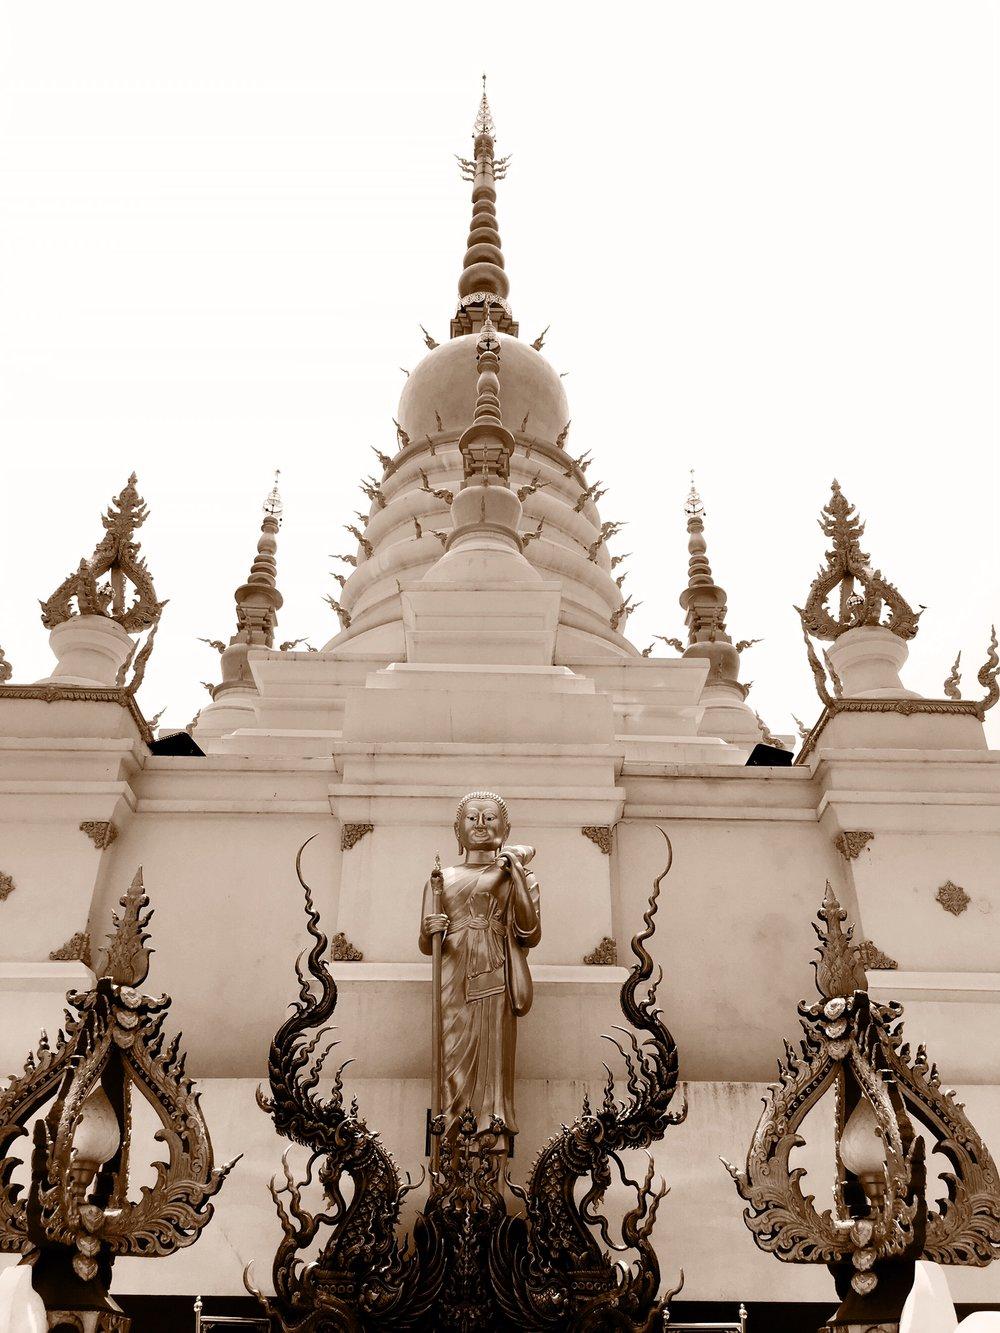 The stupa at Wat Rong Suea Ten